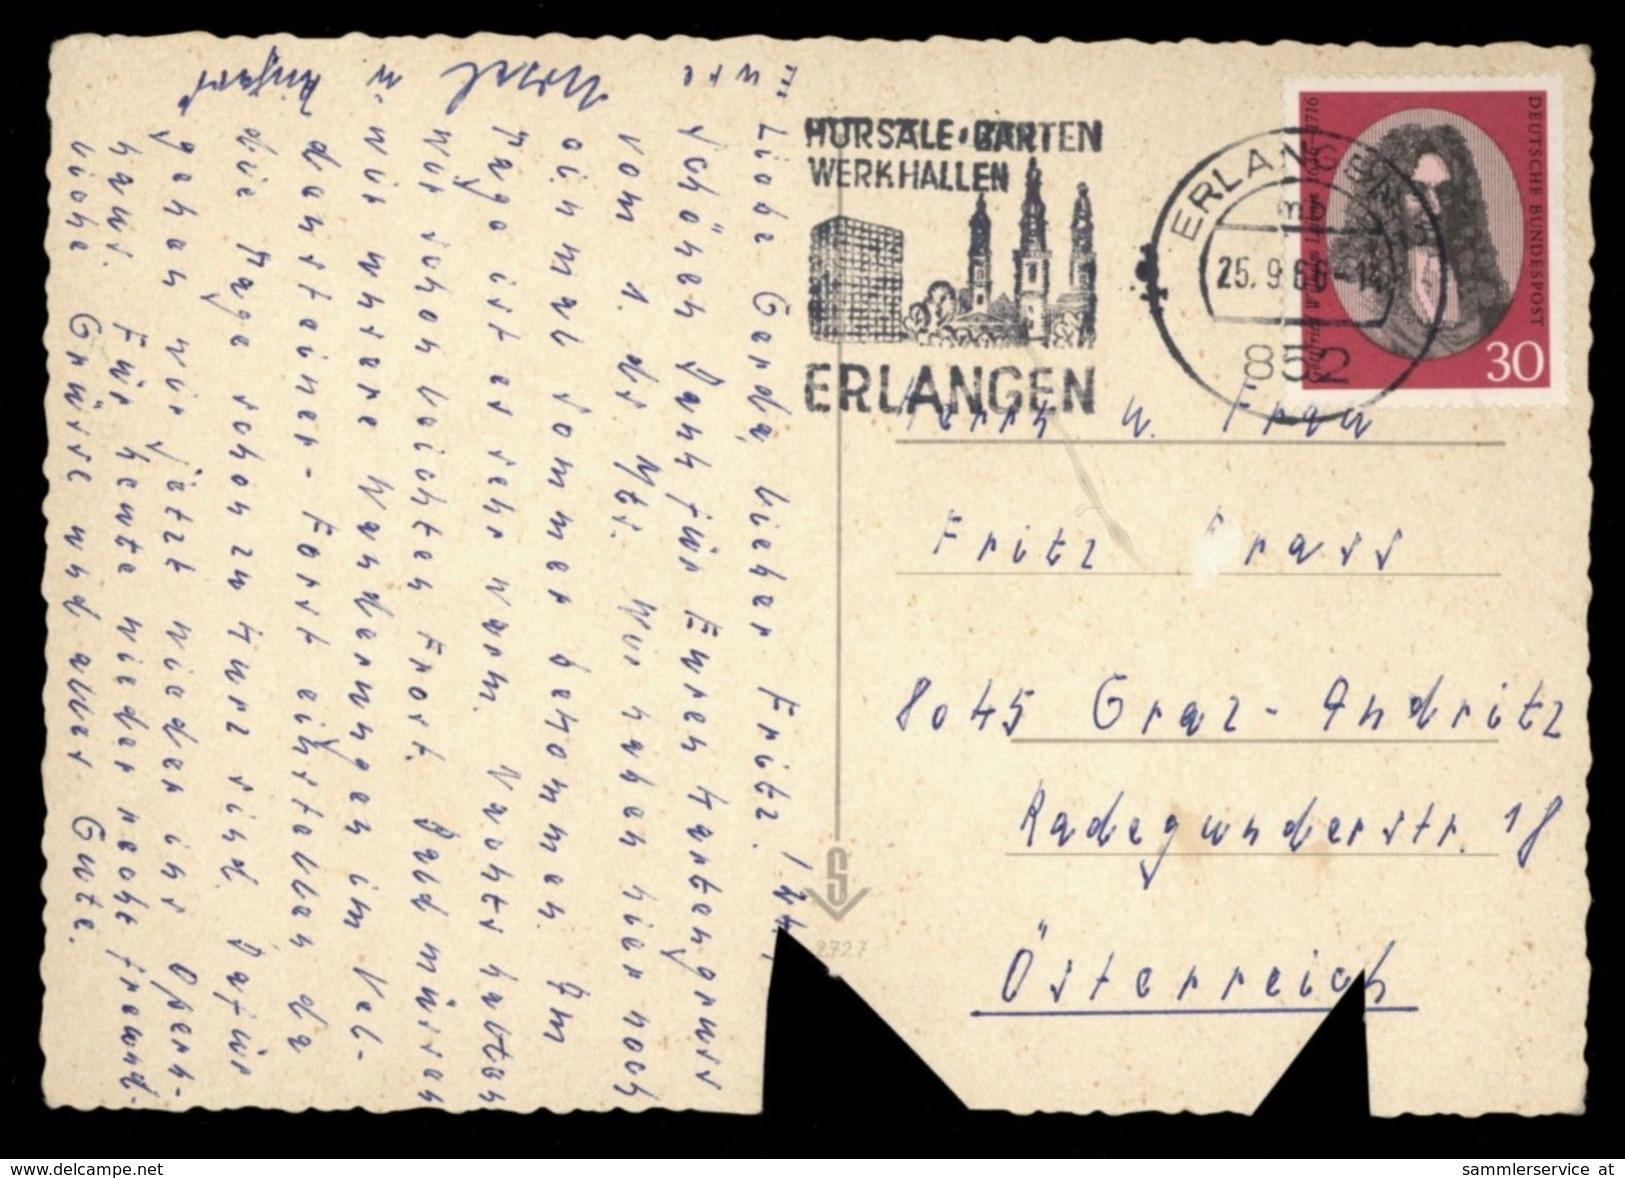 [015] Pferde-Karte 200, Ohne Angabe, Gel. 1966, Mängel - Pferde